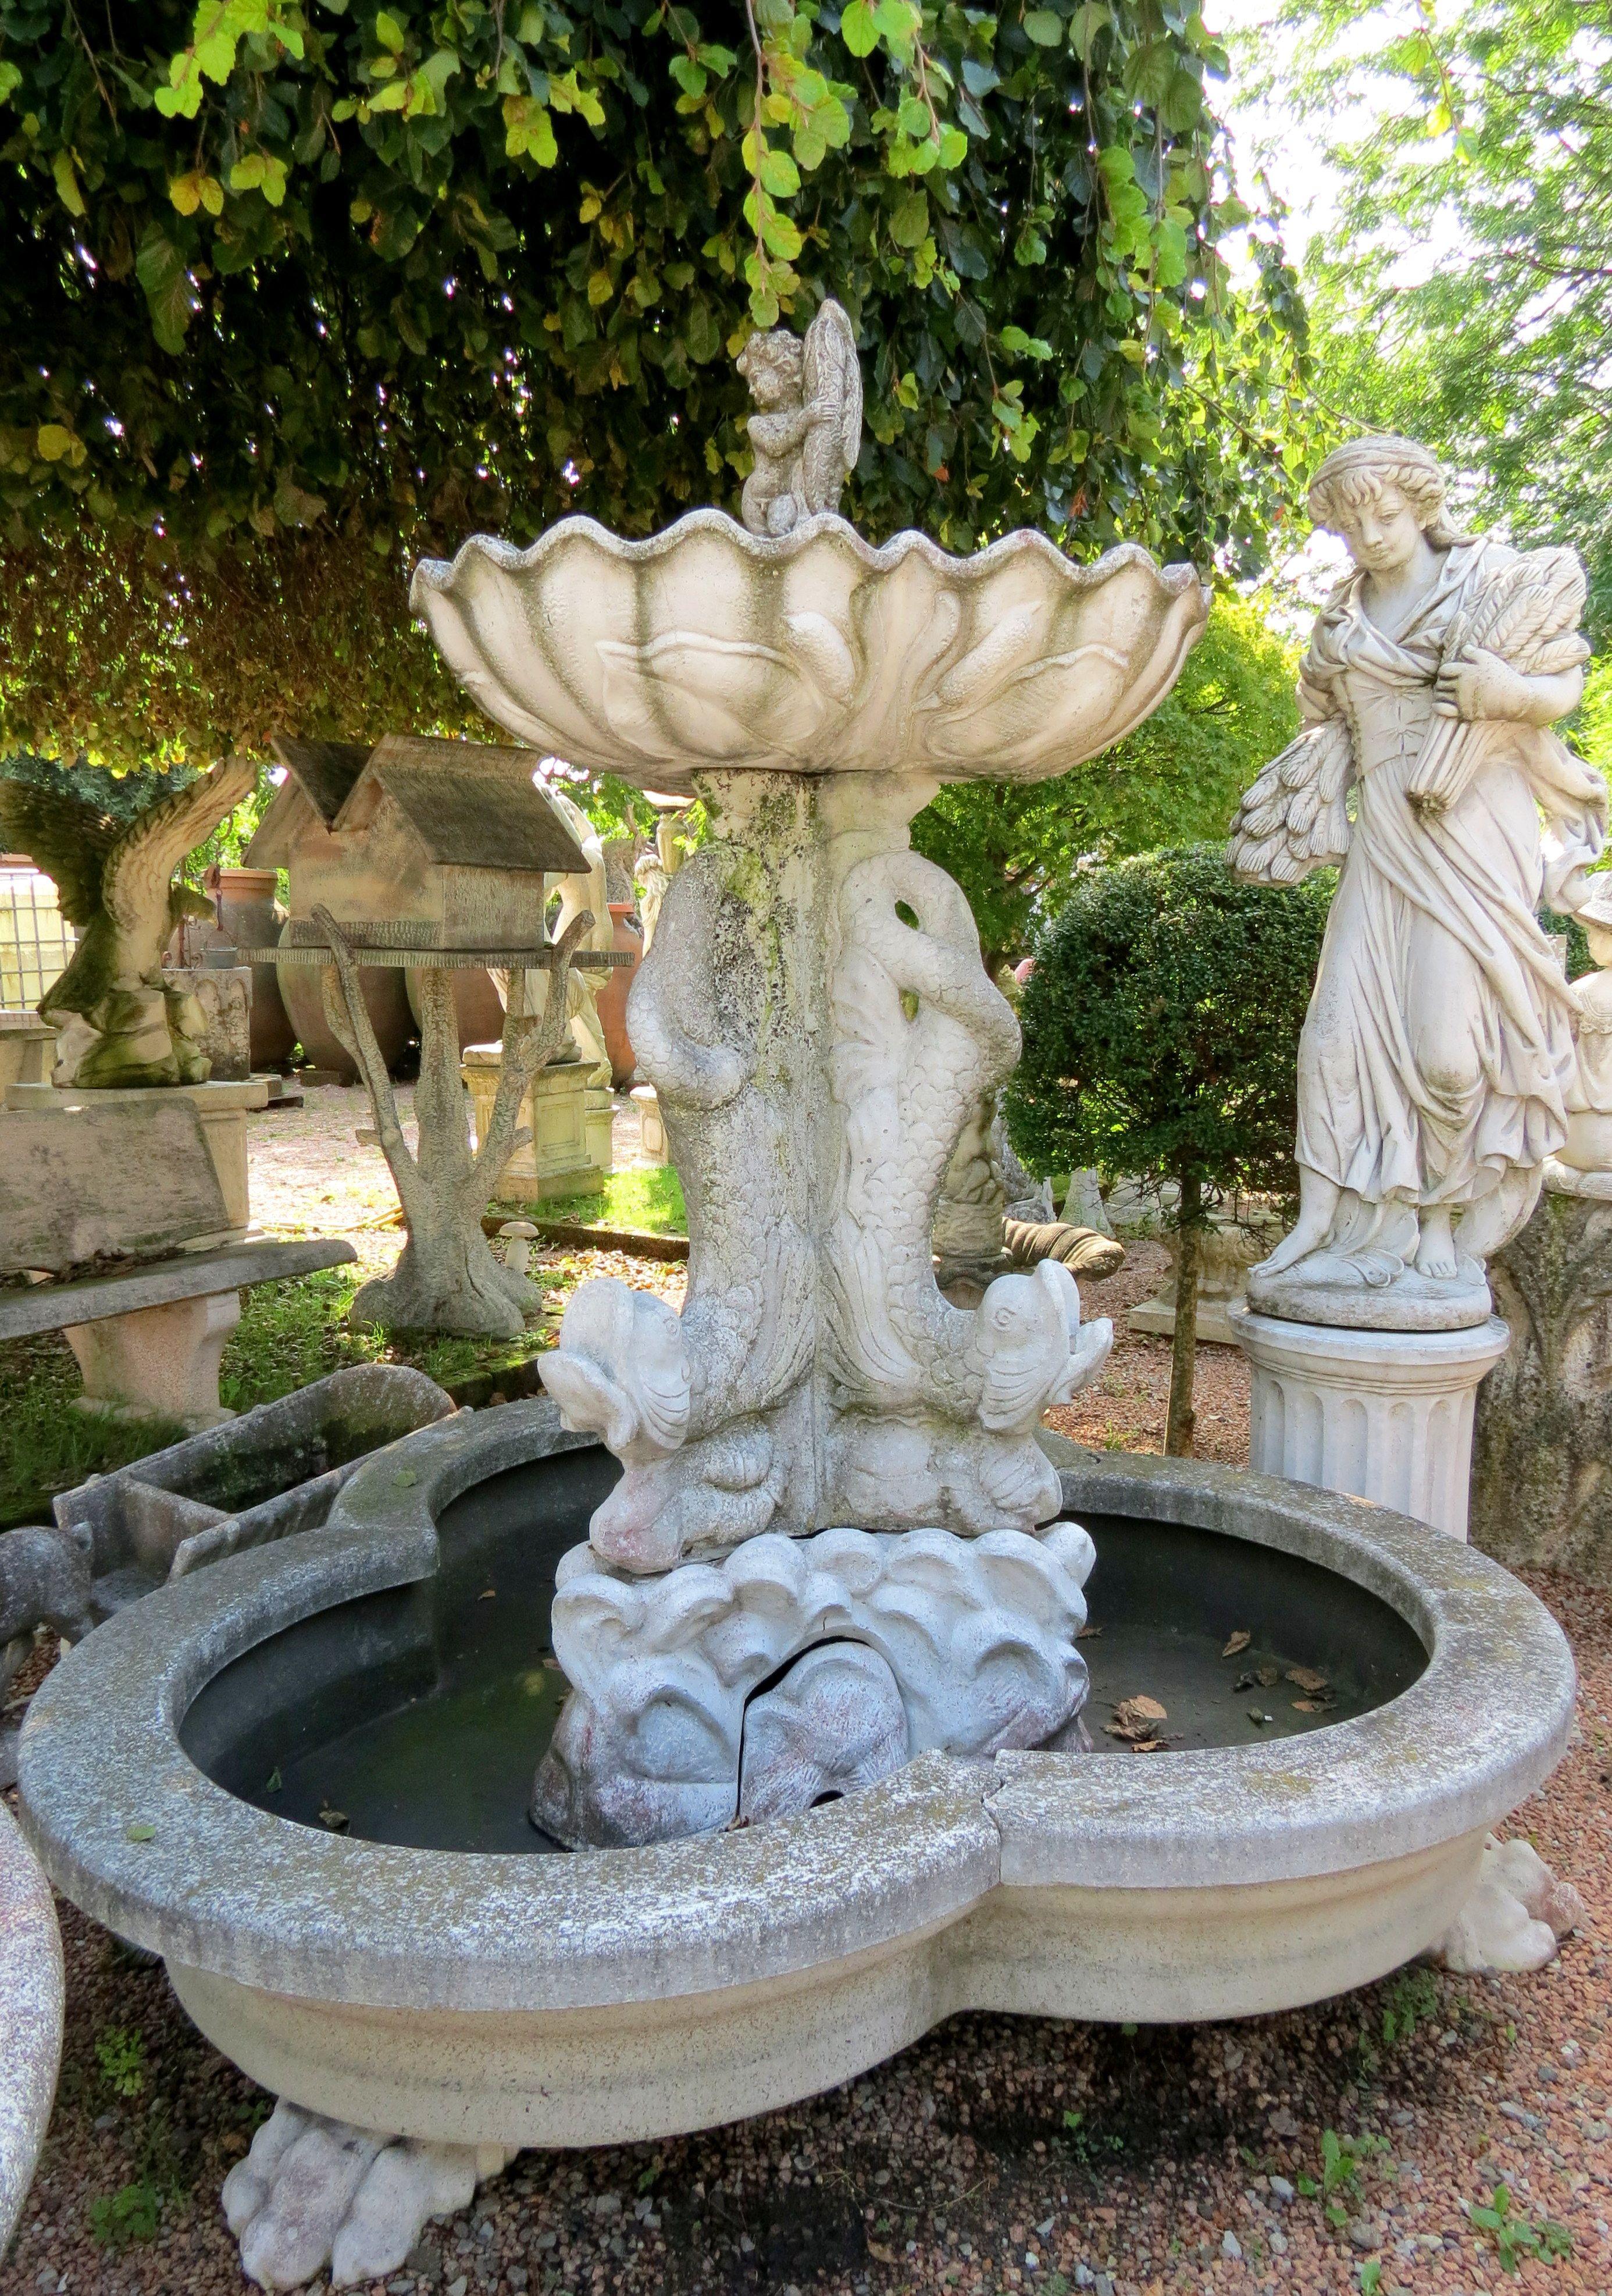 Fontana In Cemento Ad Una Cascata Con Putto E Pesci Arredamento Giardino Giardino Statue